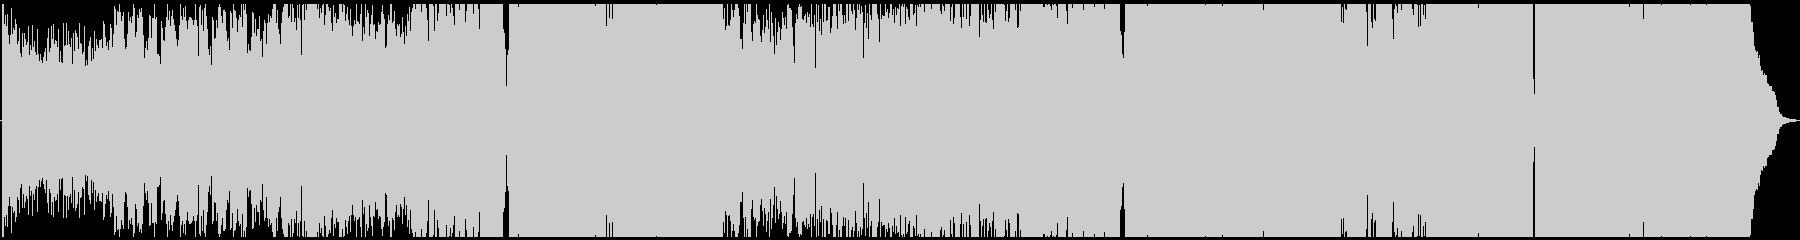 メロディアスな洋楽風プログレッシブハウスの未再生の波形